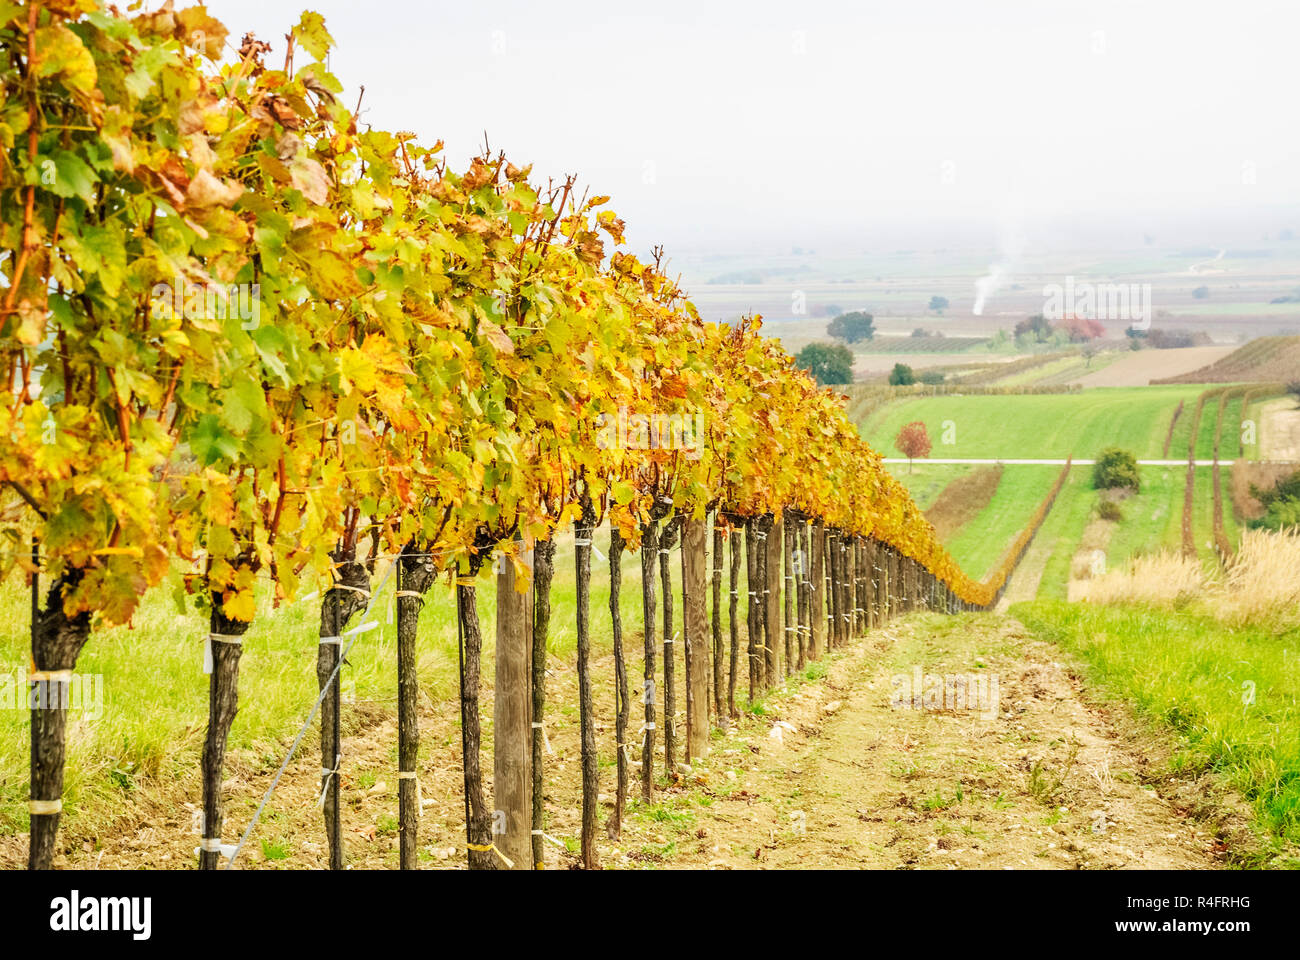 vine in the vineyard in winter Stock Photo